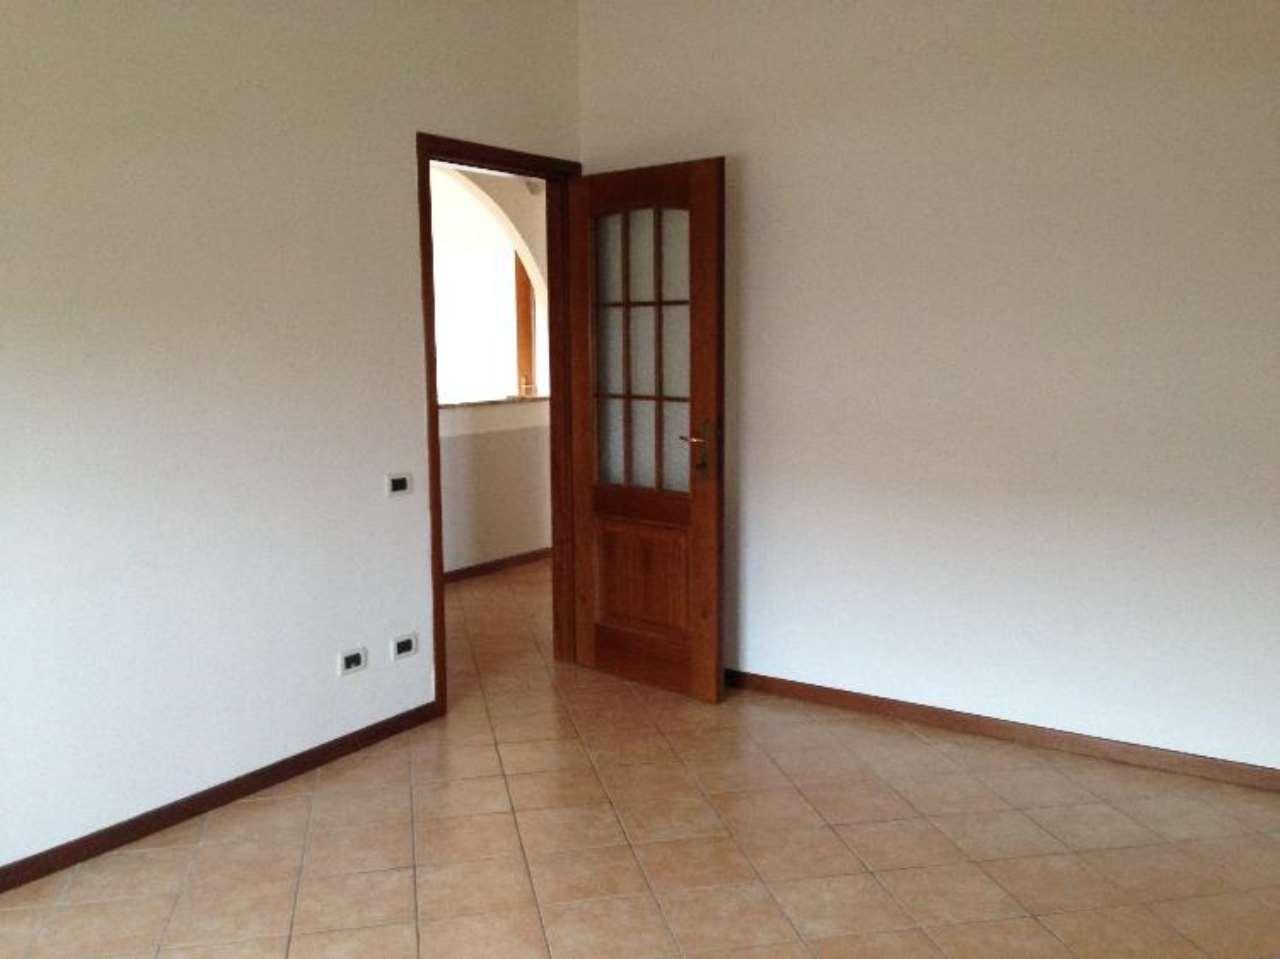 Appartamento in affitto a Cremona, 3 locali, prezzo € 450 | CambioCasa.it